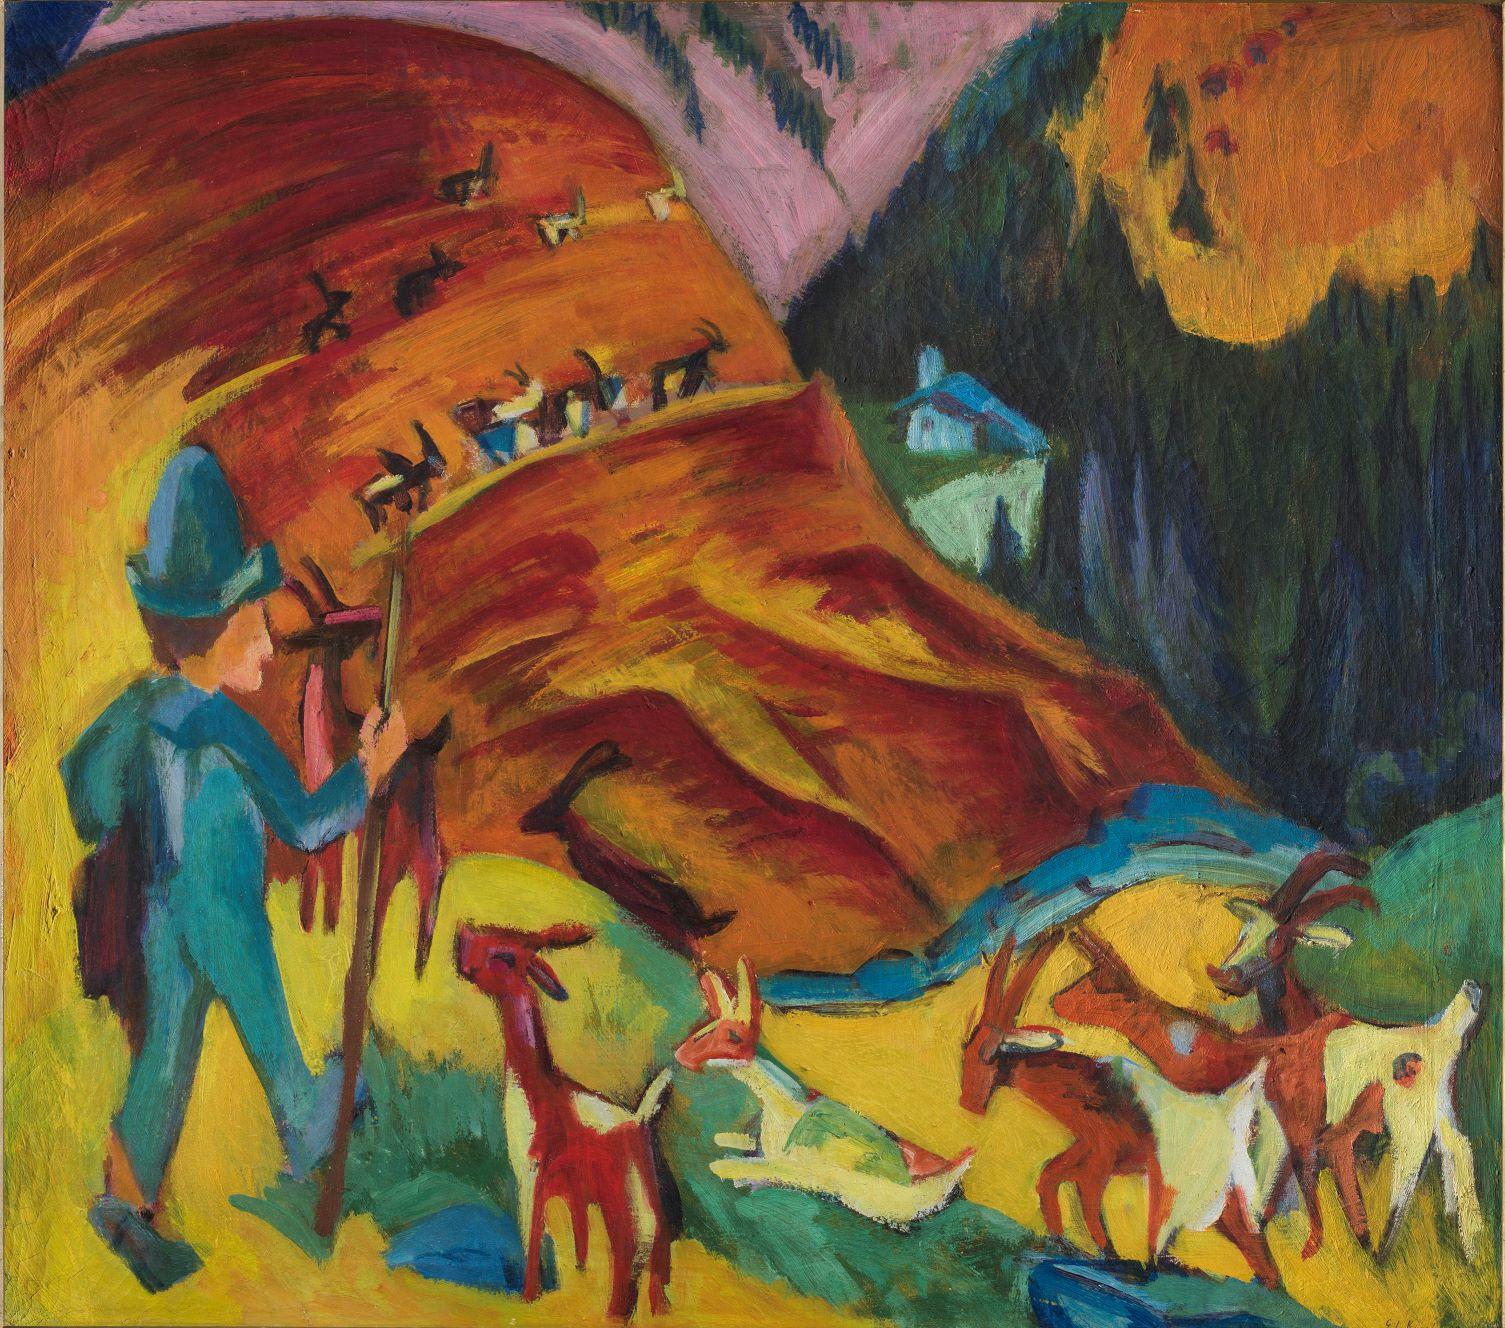 Kirchner e la grandiosità della montagna. Il sublime dell'Alpe si scioglie nell'intimità del colore, a Lugano